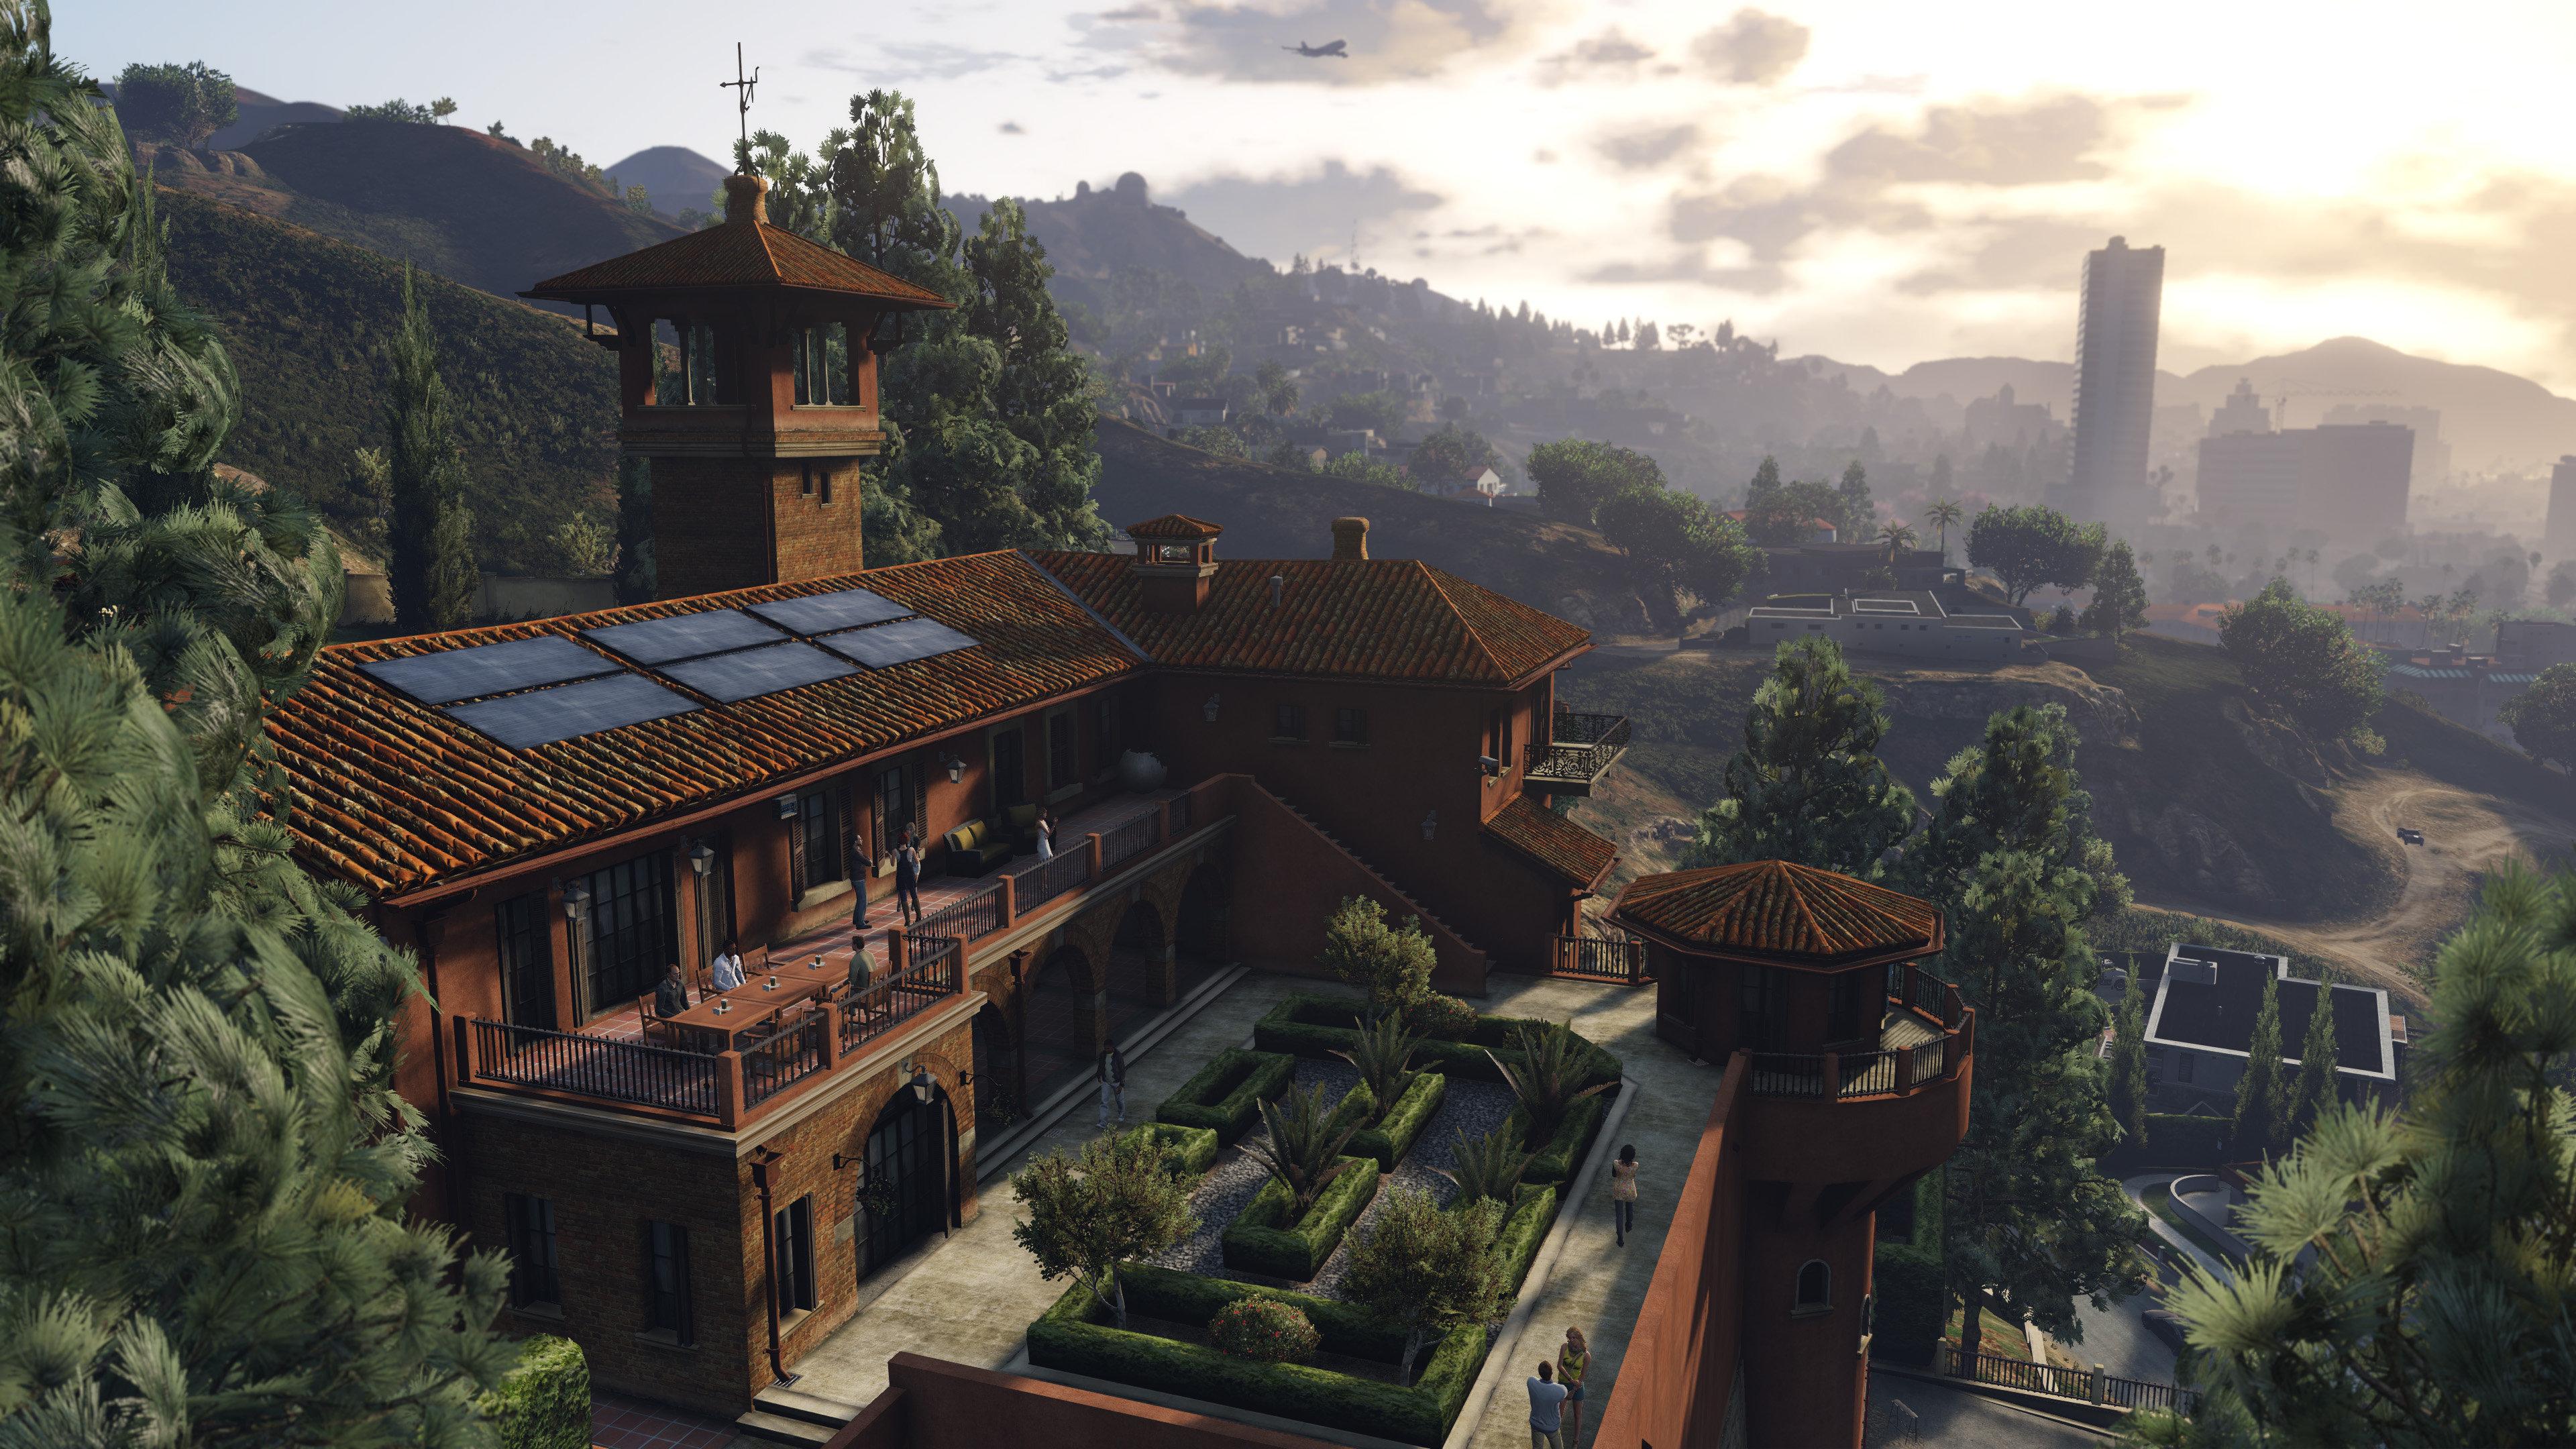 2048x1152 Gta V Redux Nature 2048x1152 Resolution Hd 4k: Grand Theft Auto V 4K Wallpaper [3840x2160]